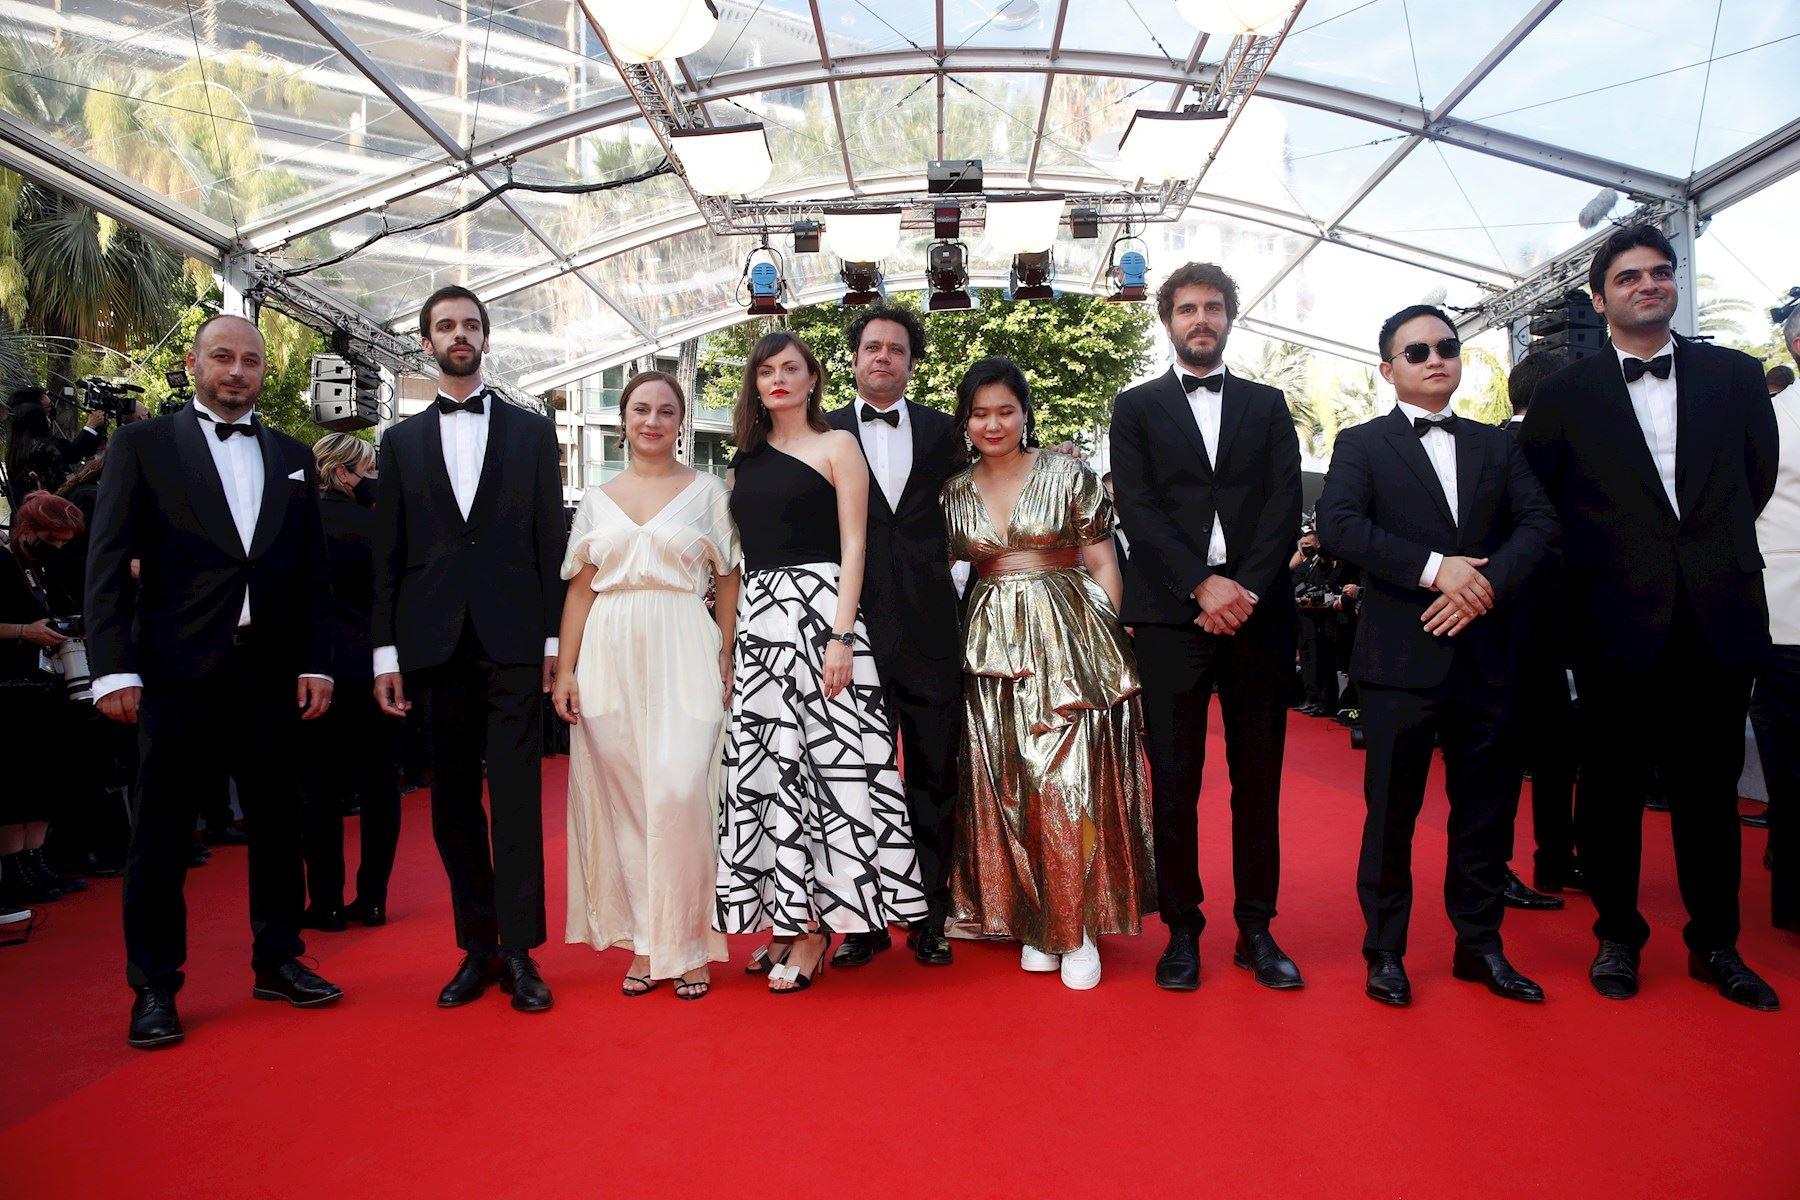 Estrellas recaudan 11 millones de dólares para lucha contra el sida en Festival de Cannes